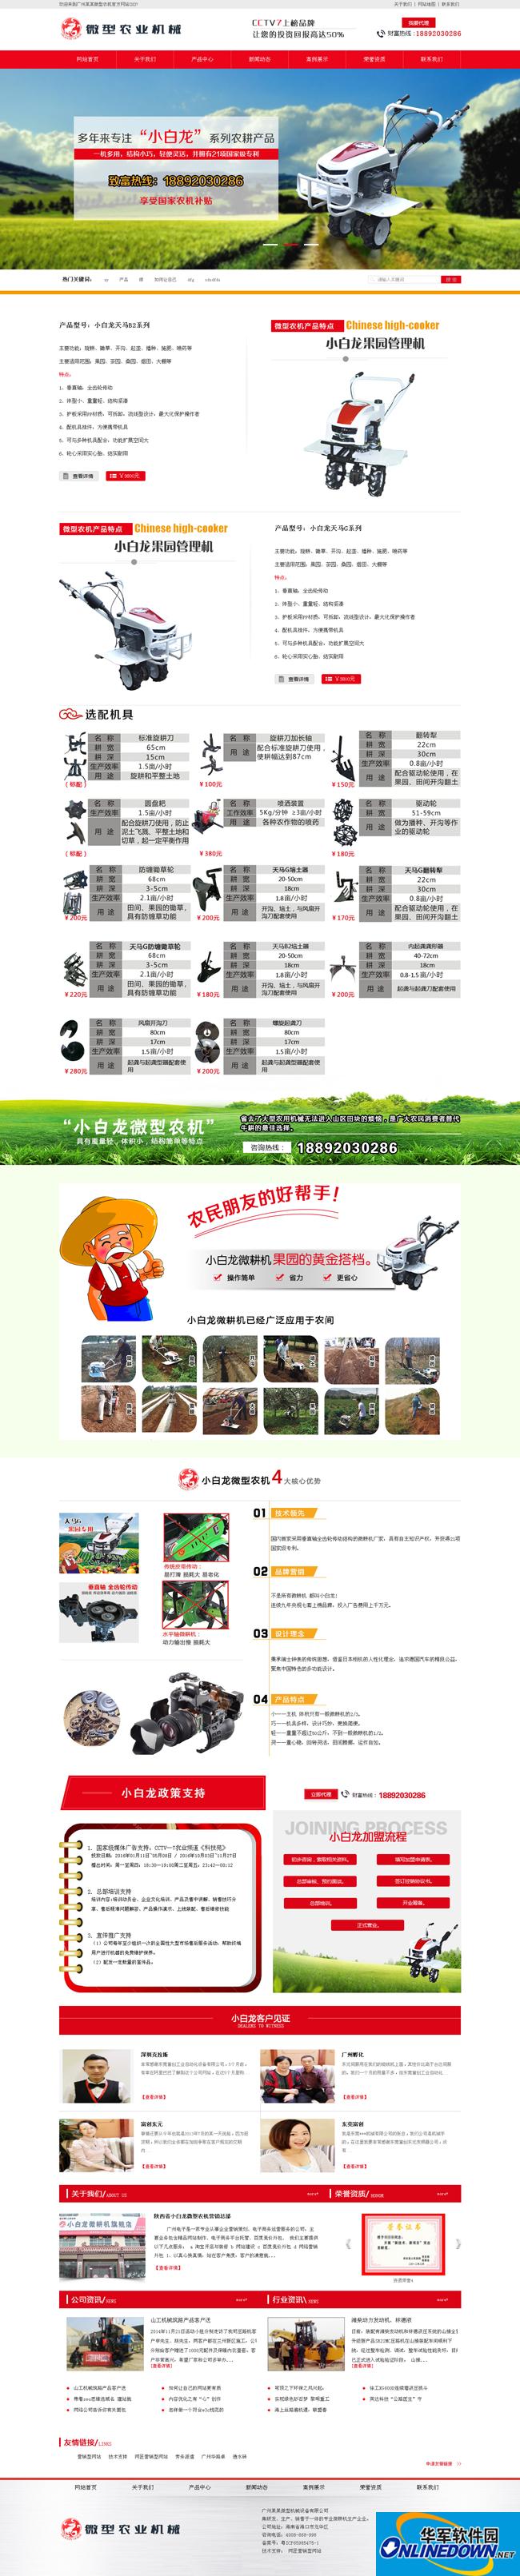 营销型微型农业机械设备行业网站织梦模板(带html5手机端)